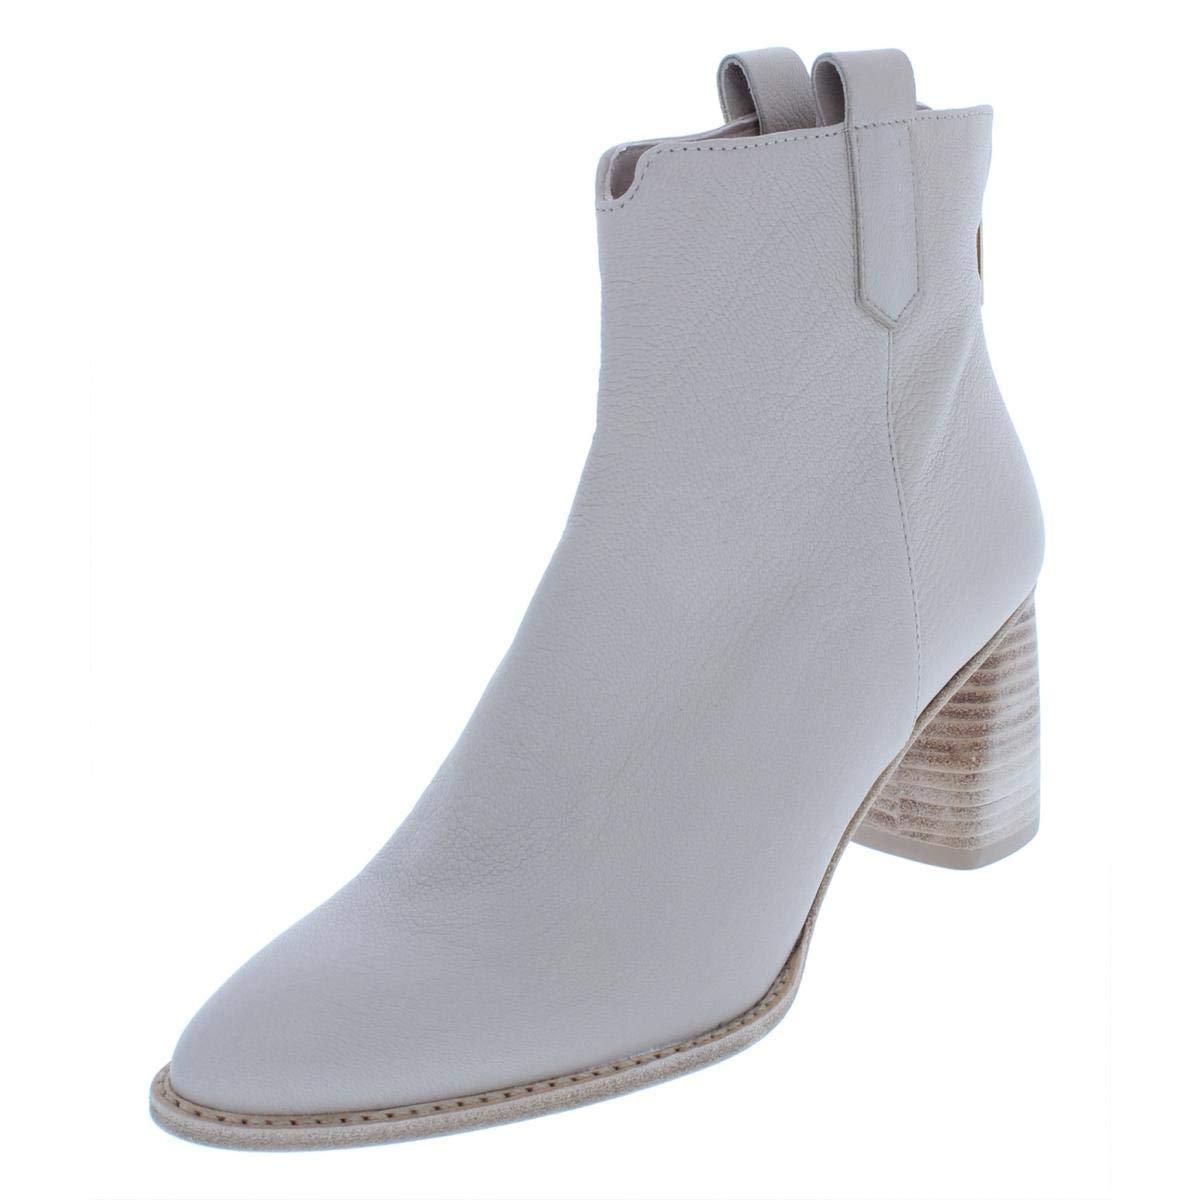 Vanilla Nappa Stuart Weitzman Womens Novako Leather Ankle Booties